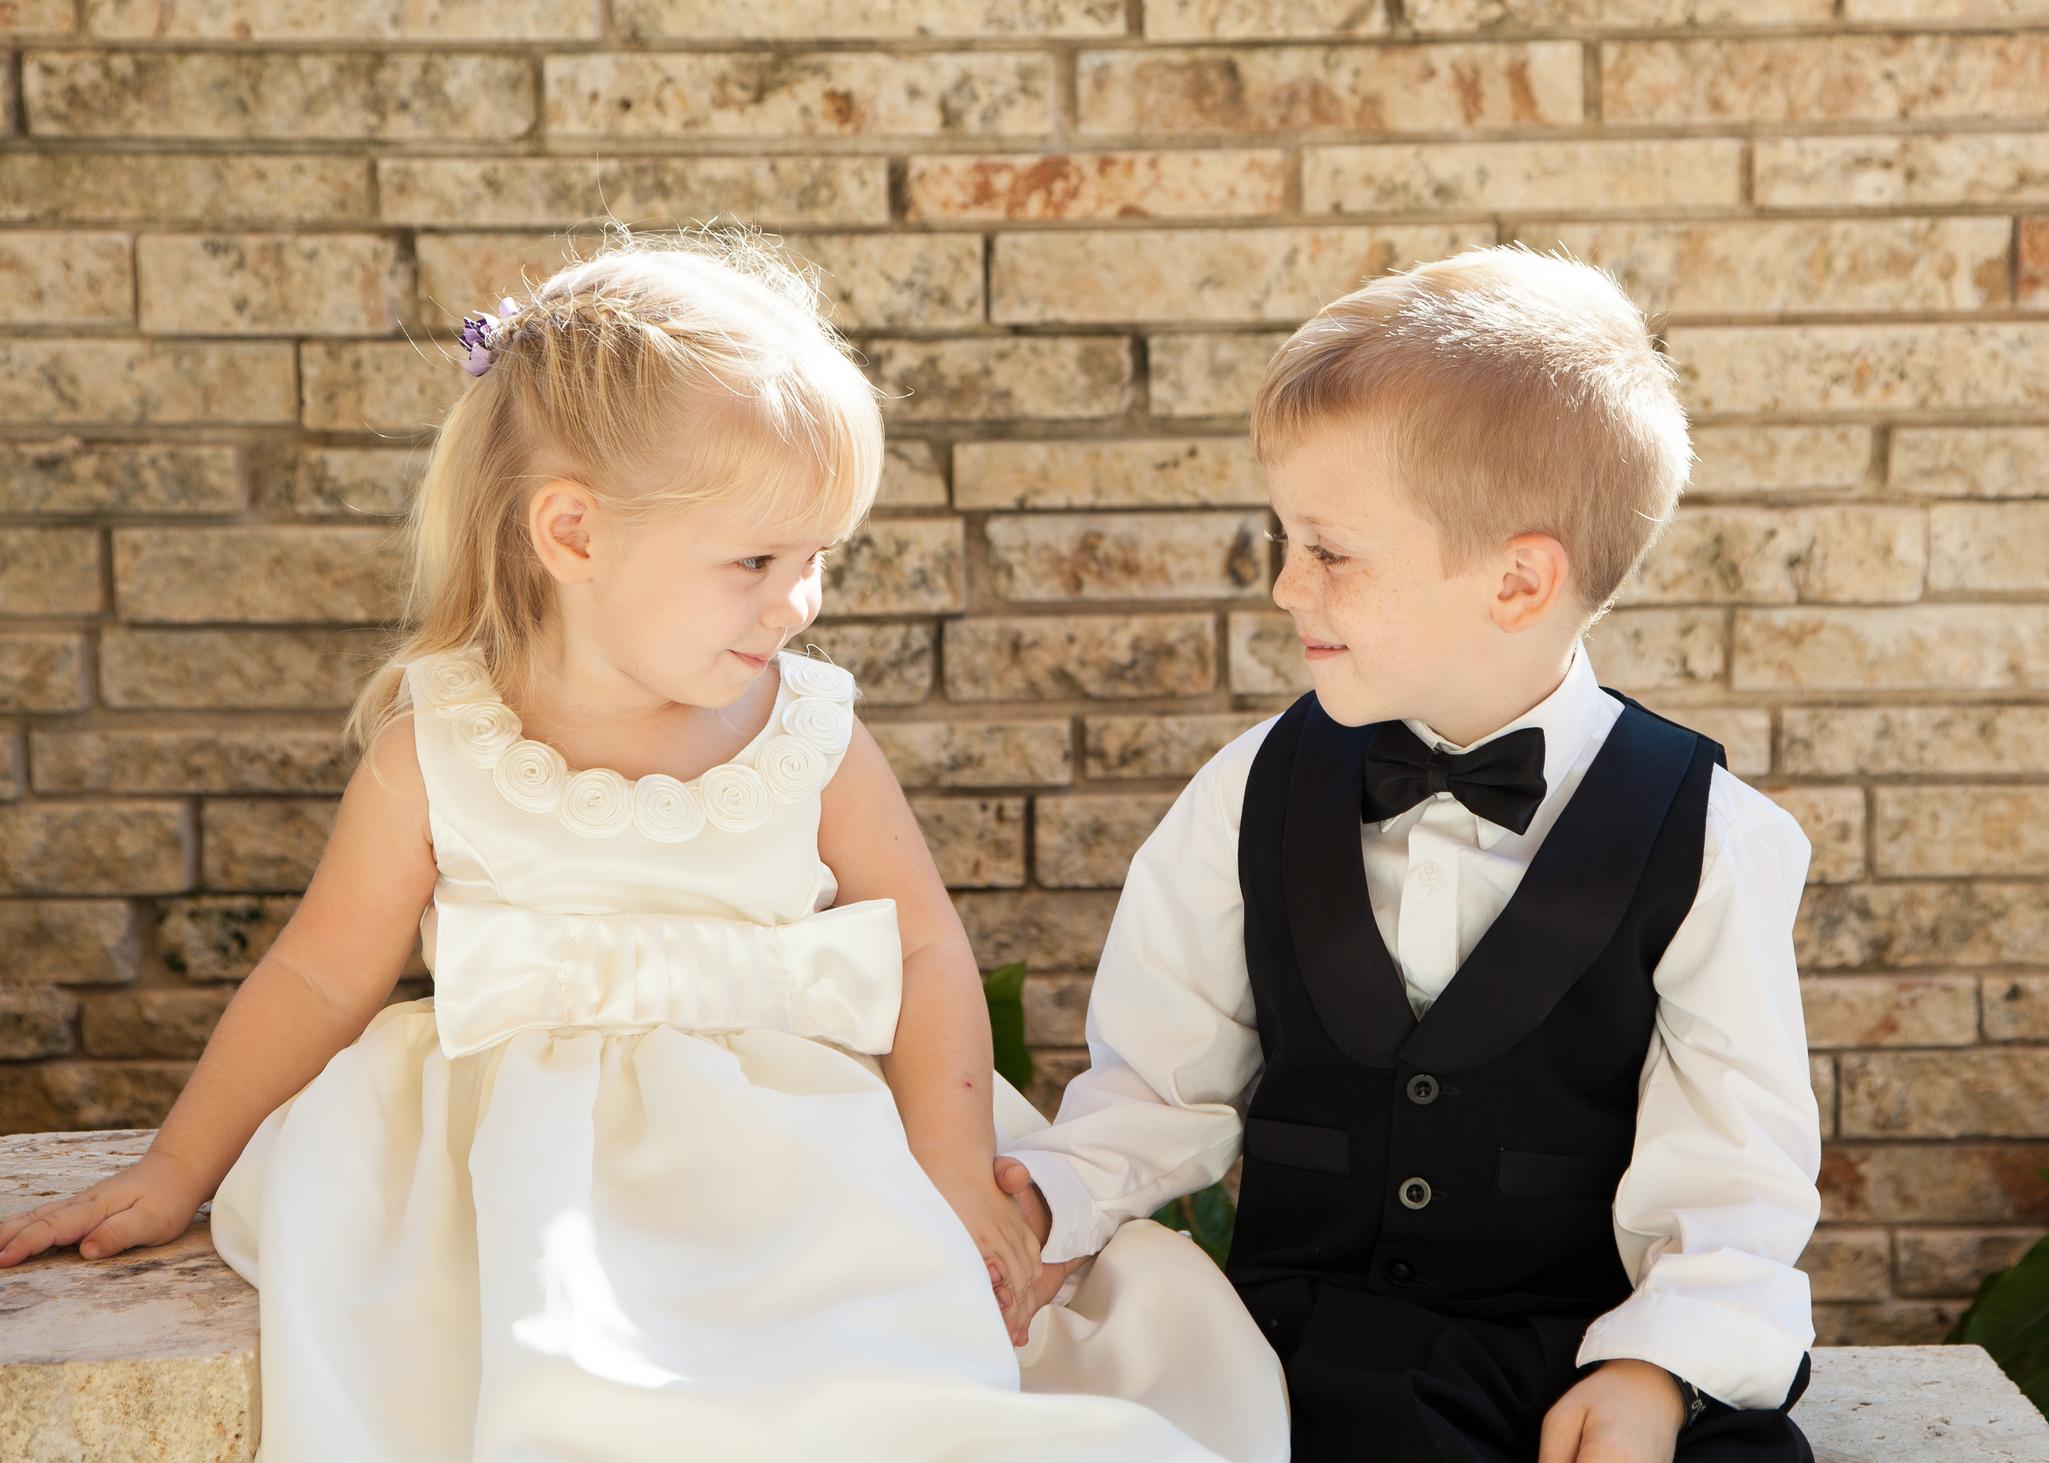 子連れ 結婚式 対策 幼児